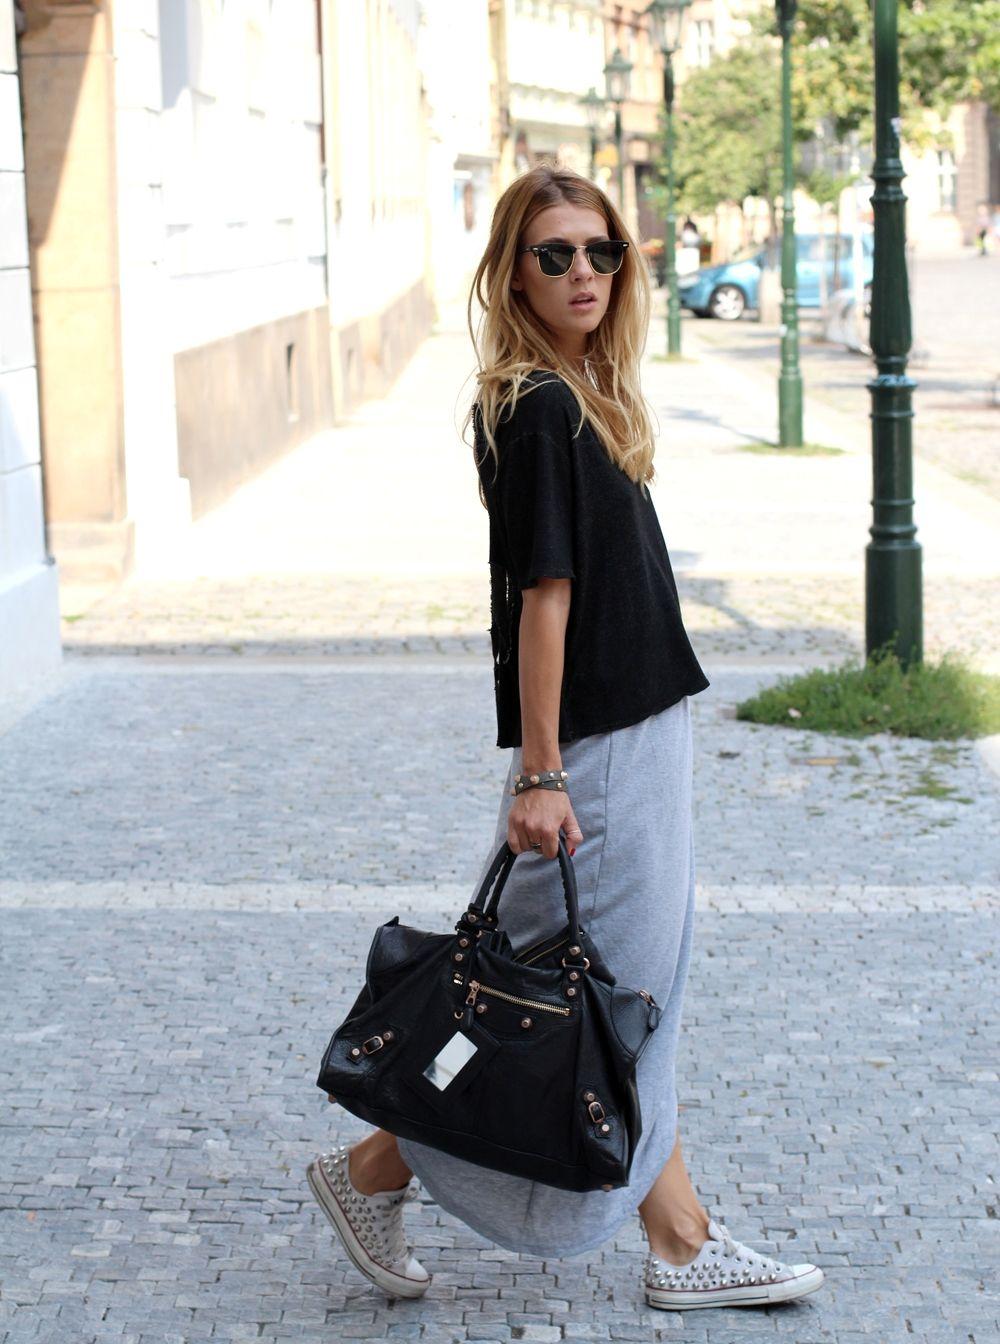 Maxi Skirt Www Theczechchicks Com It Girls Skirt